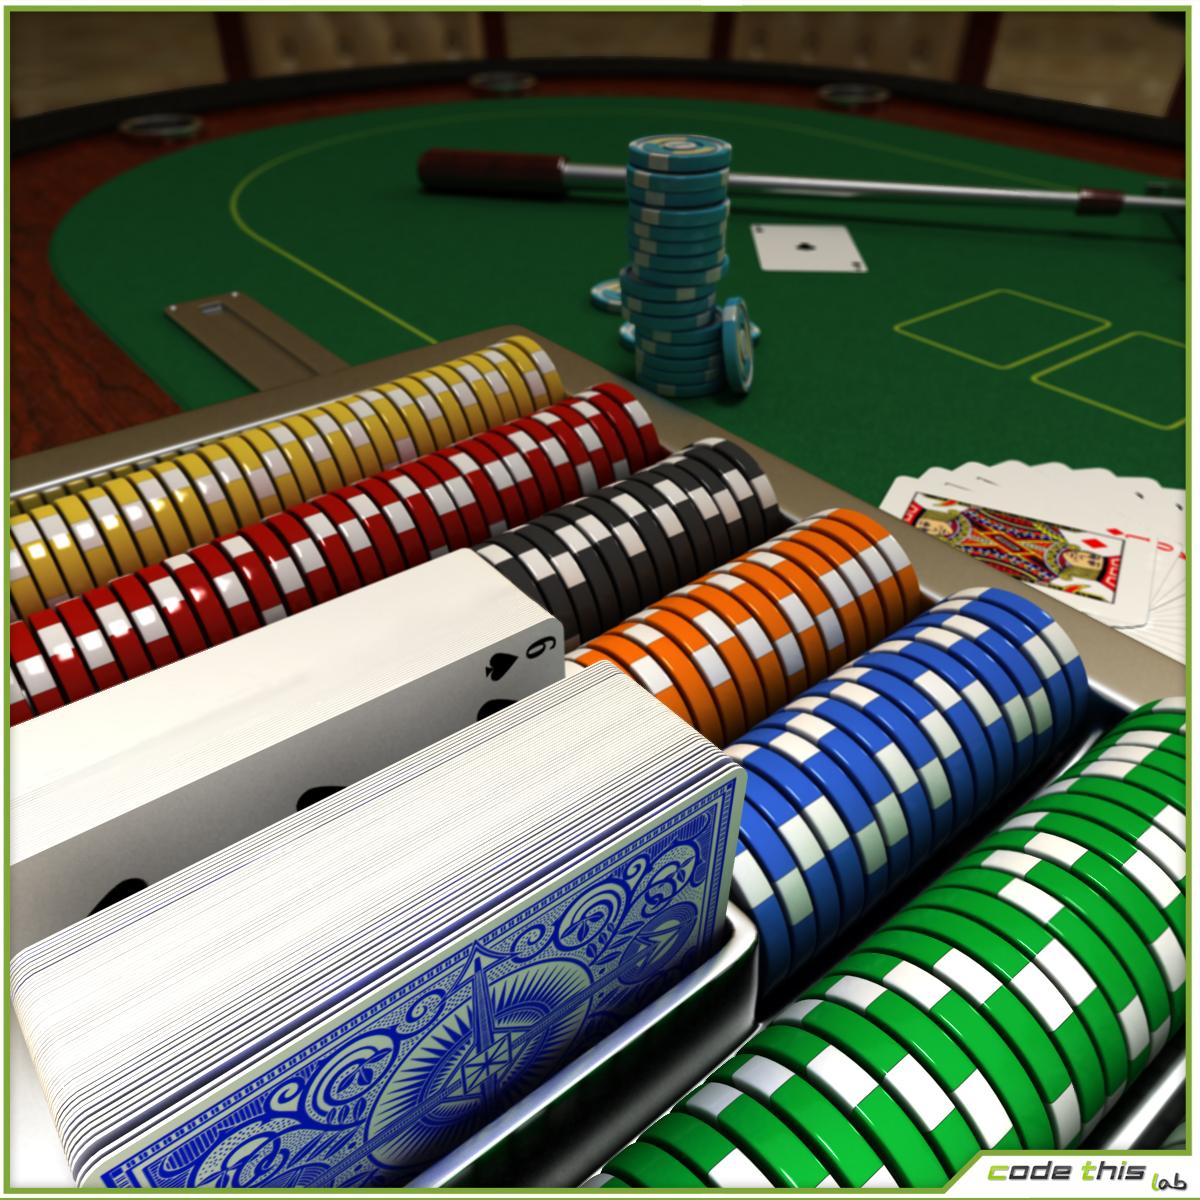 neuste online casino mit bonus